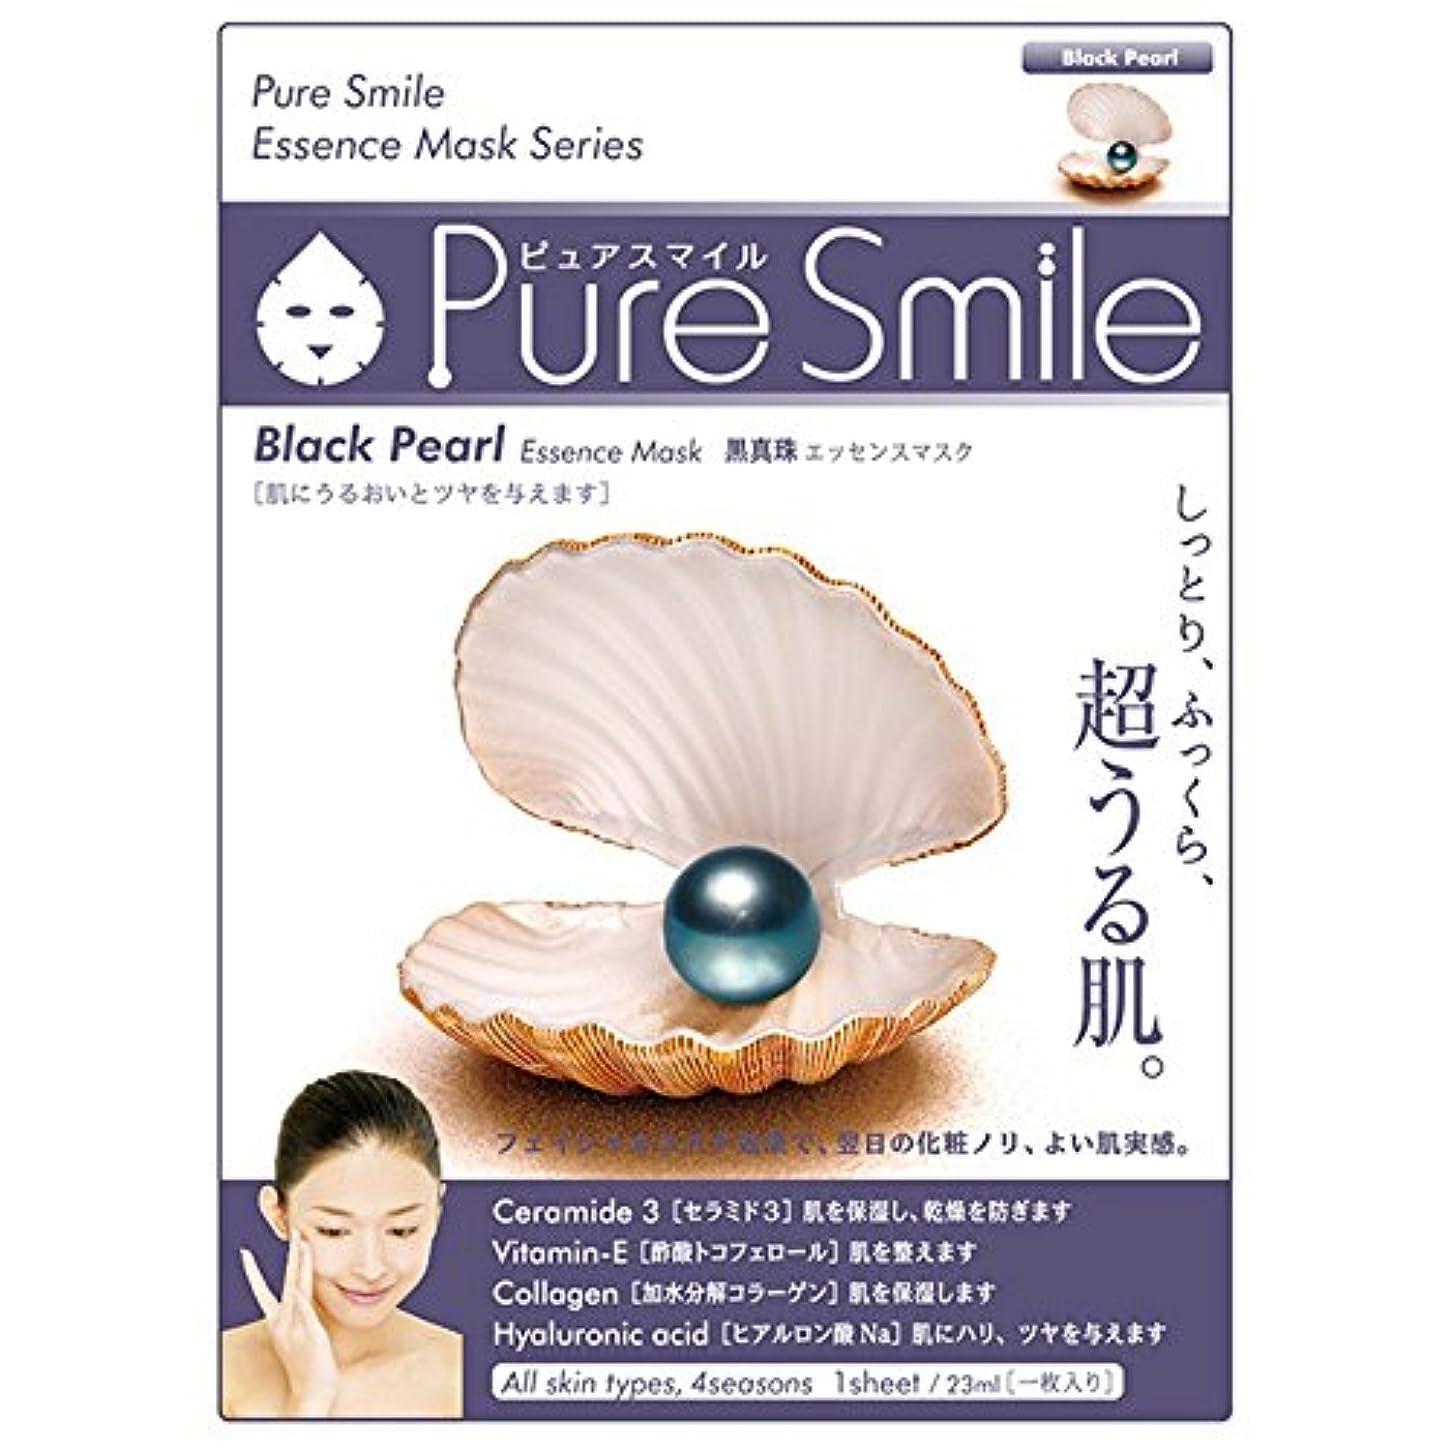 ゲインセイ形始めるPure Smile(ピュアスマイル) 乳液エッセンスマスク 1 枚 黒真珠